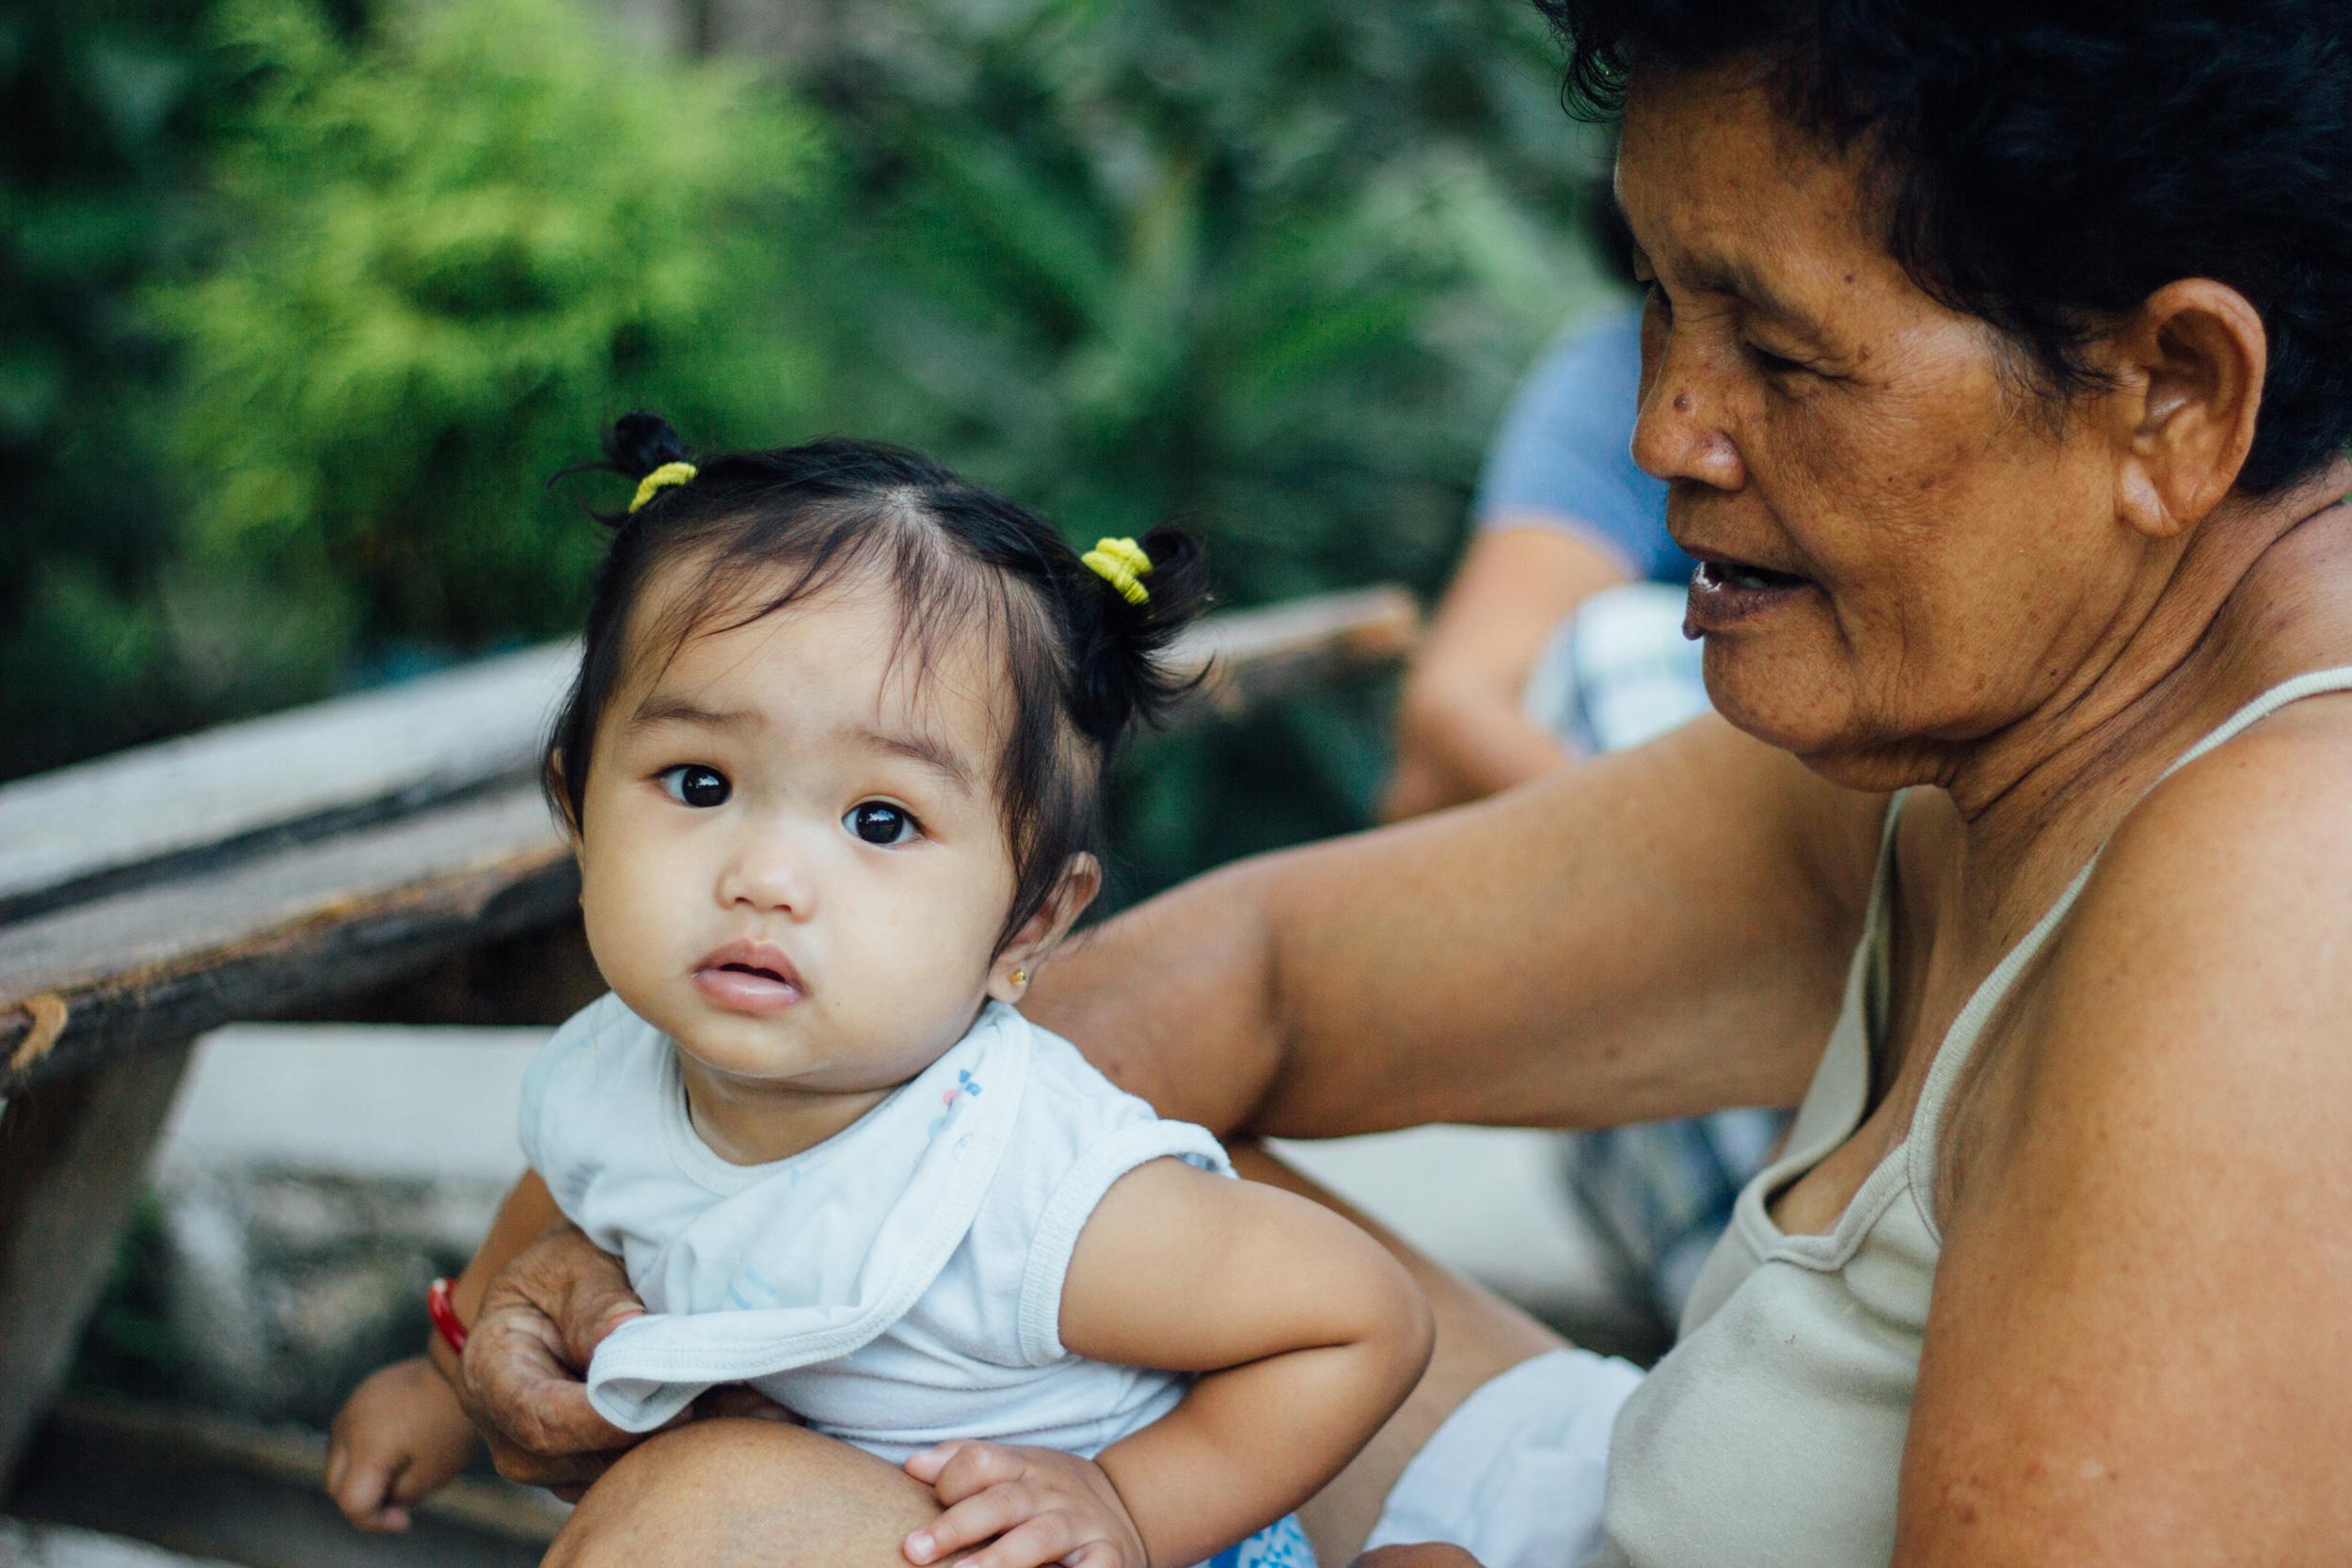 photo-philippines-kid-Diana-Scalfati.jpg